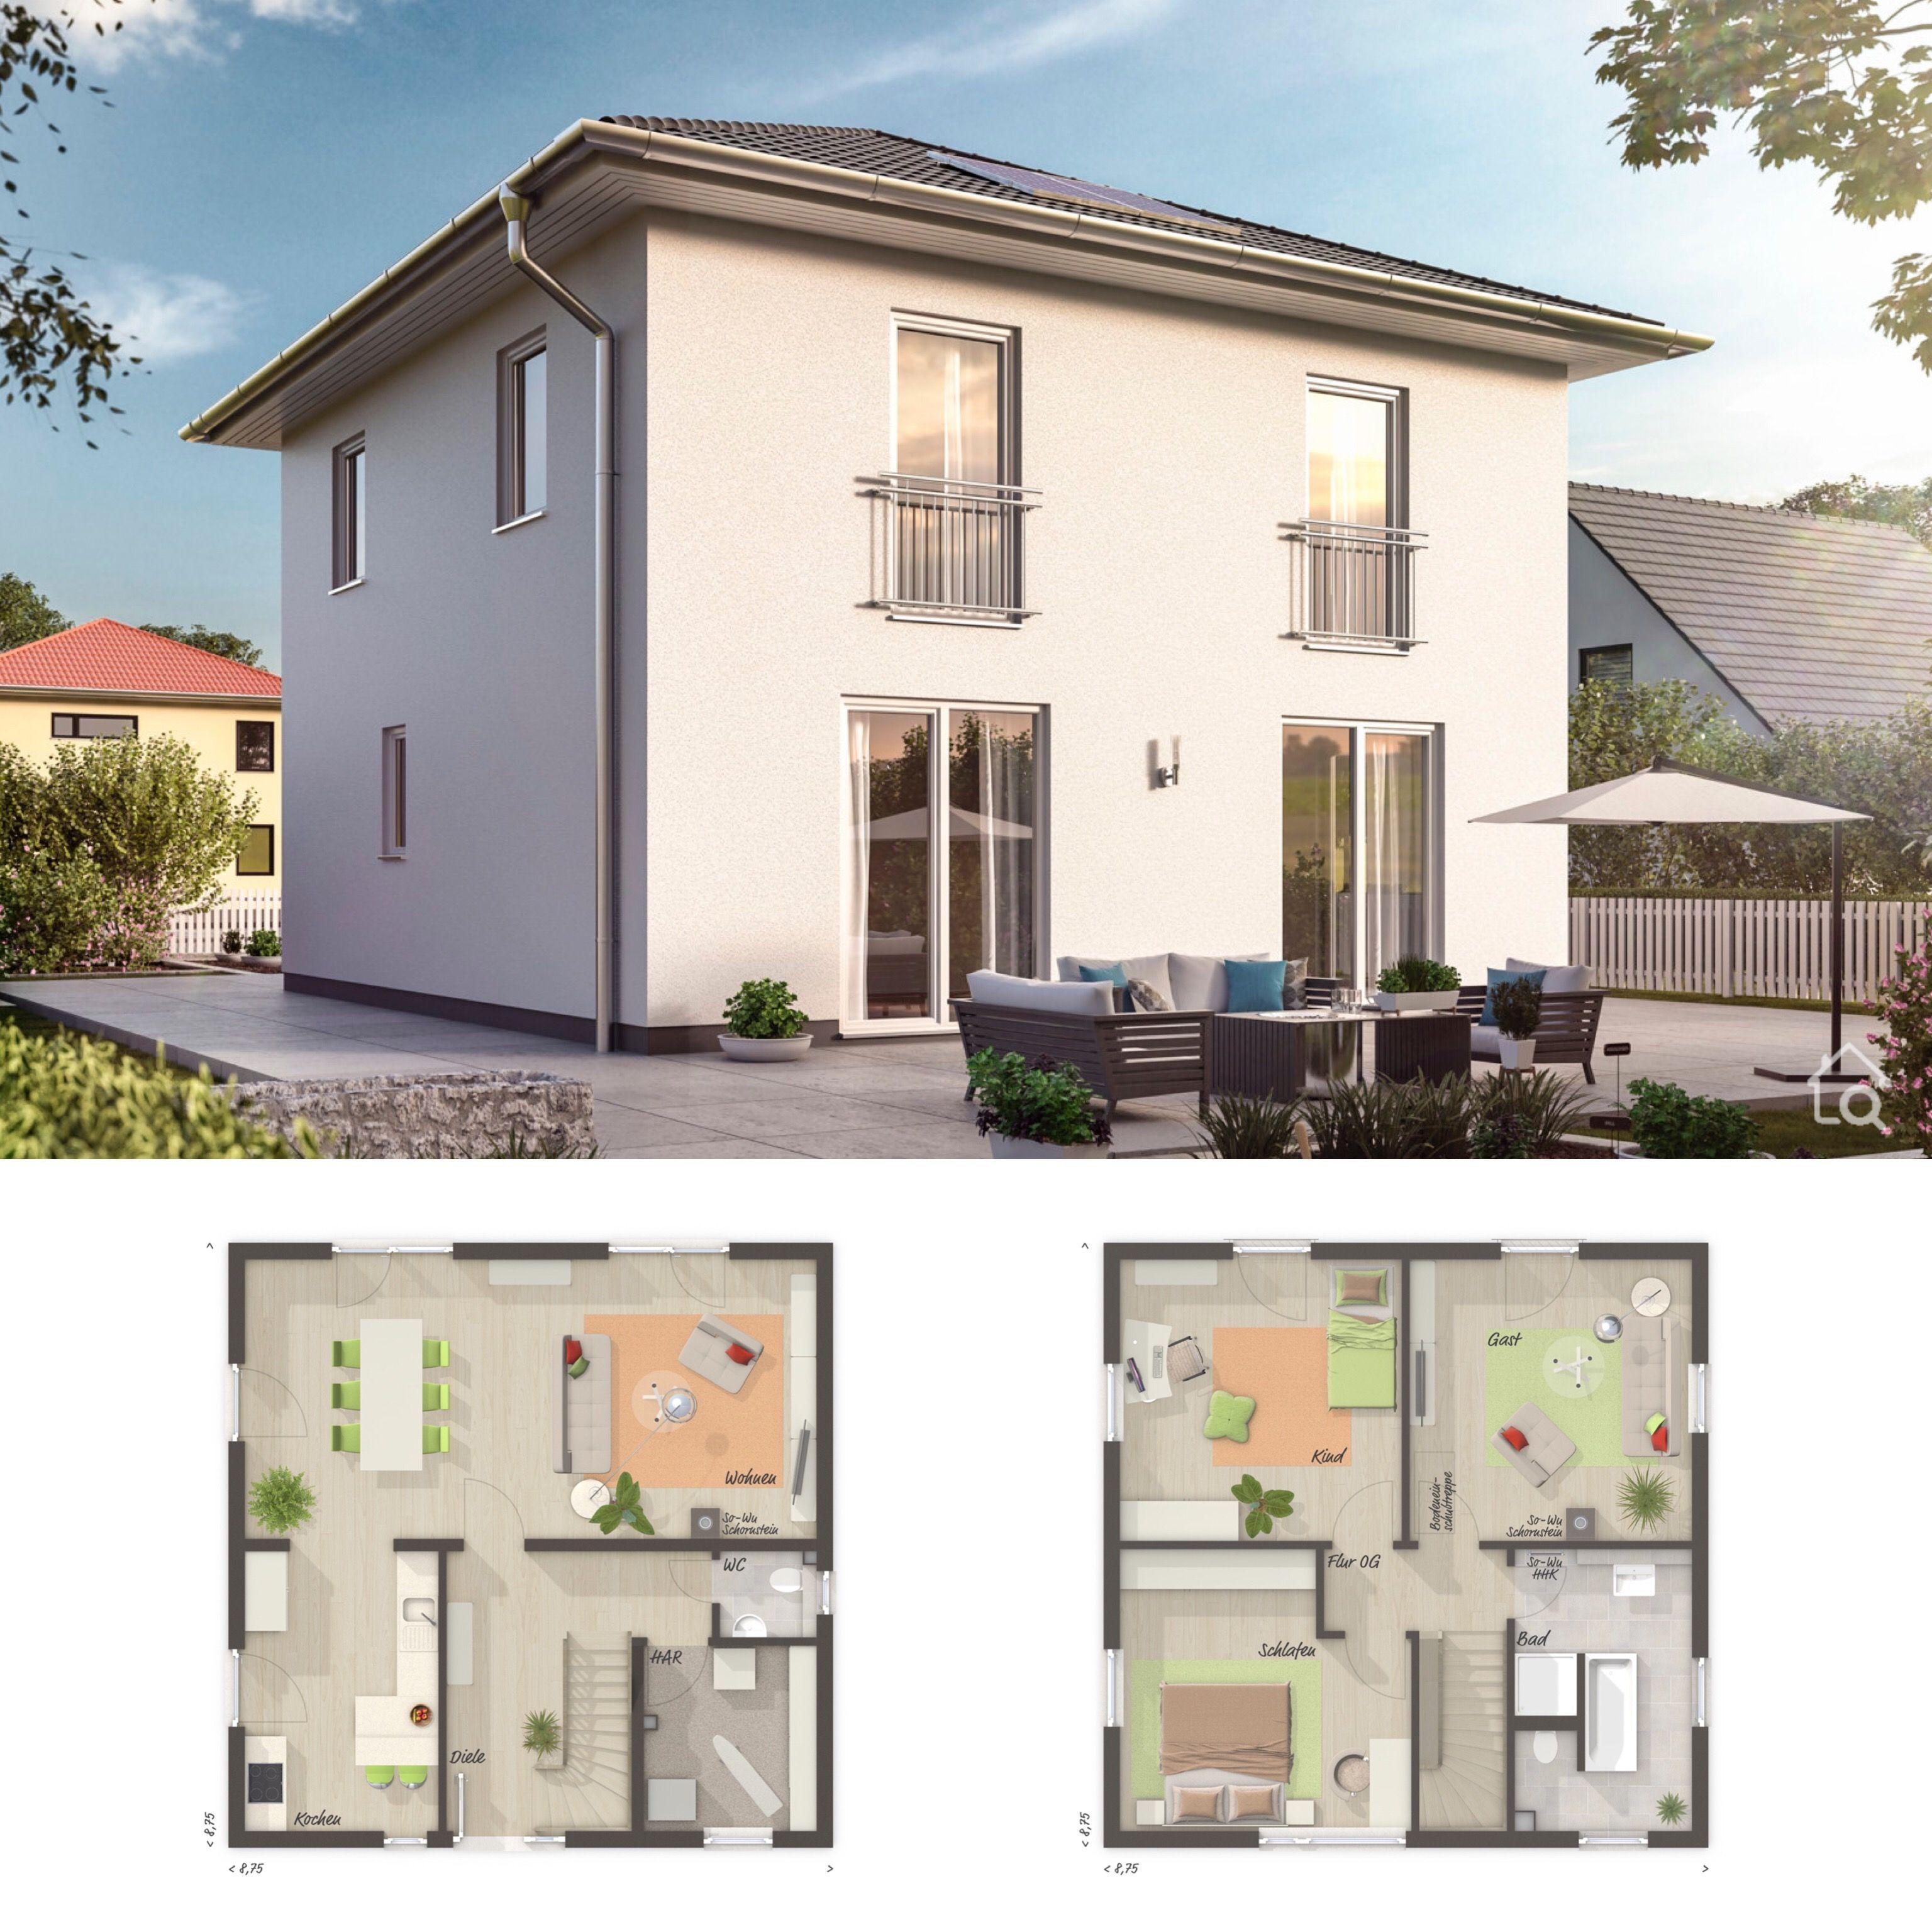 Architecturehome Design: Stadtvilla Modern Mit Walmdach & Putz Fassade Wei